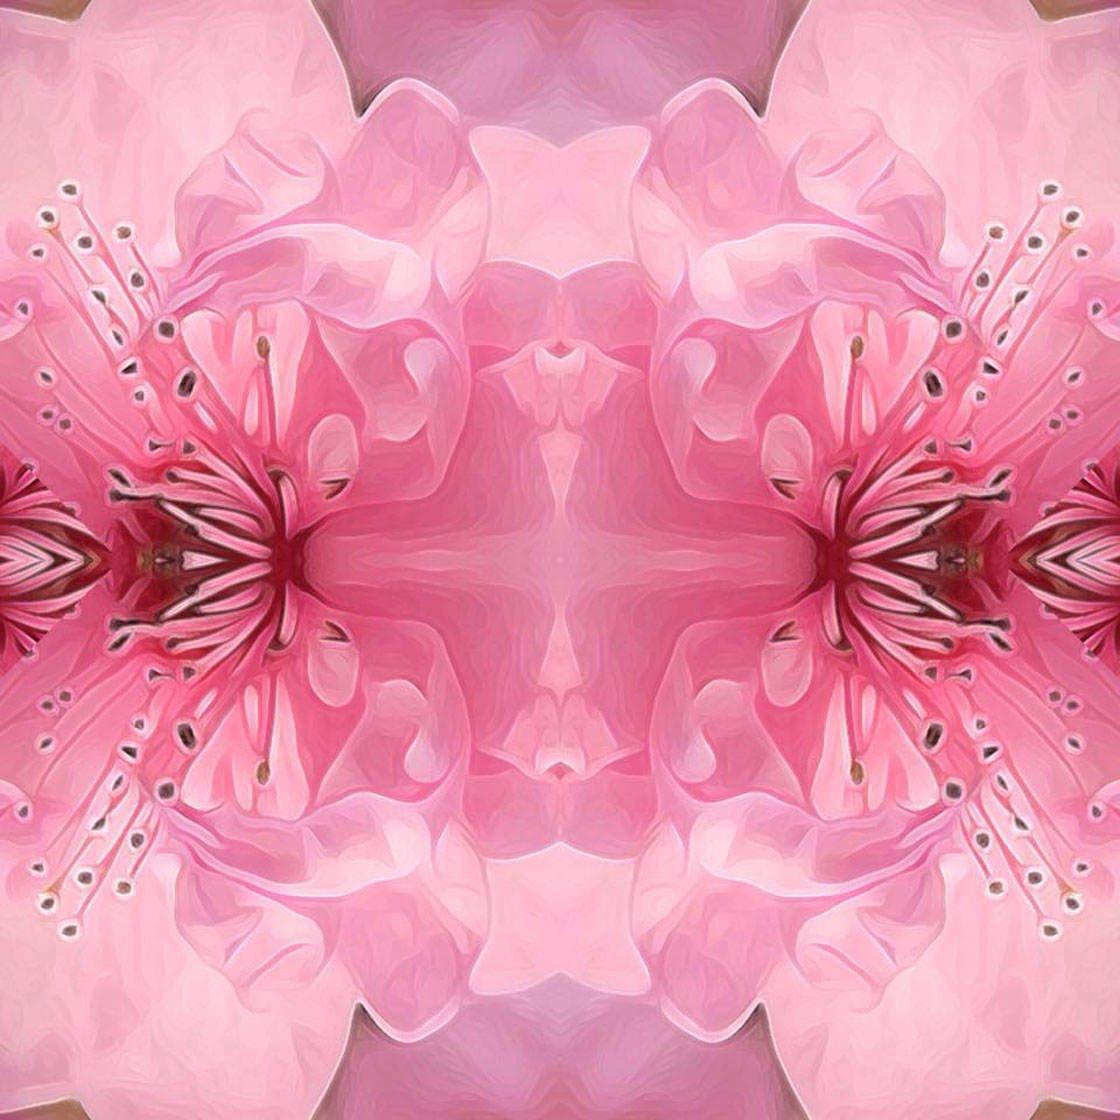 Abstract iPhone Photos 123 no script